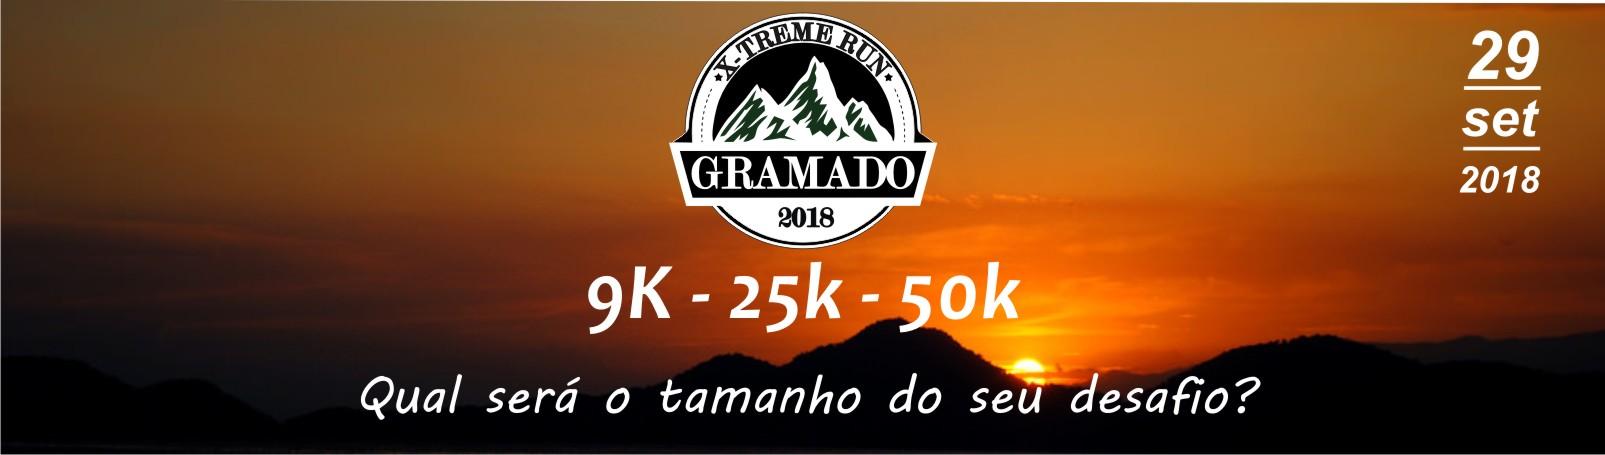 X-TREME RUN GRAMADO - Imagem de topo